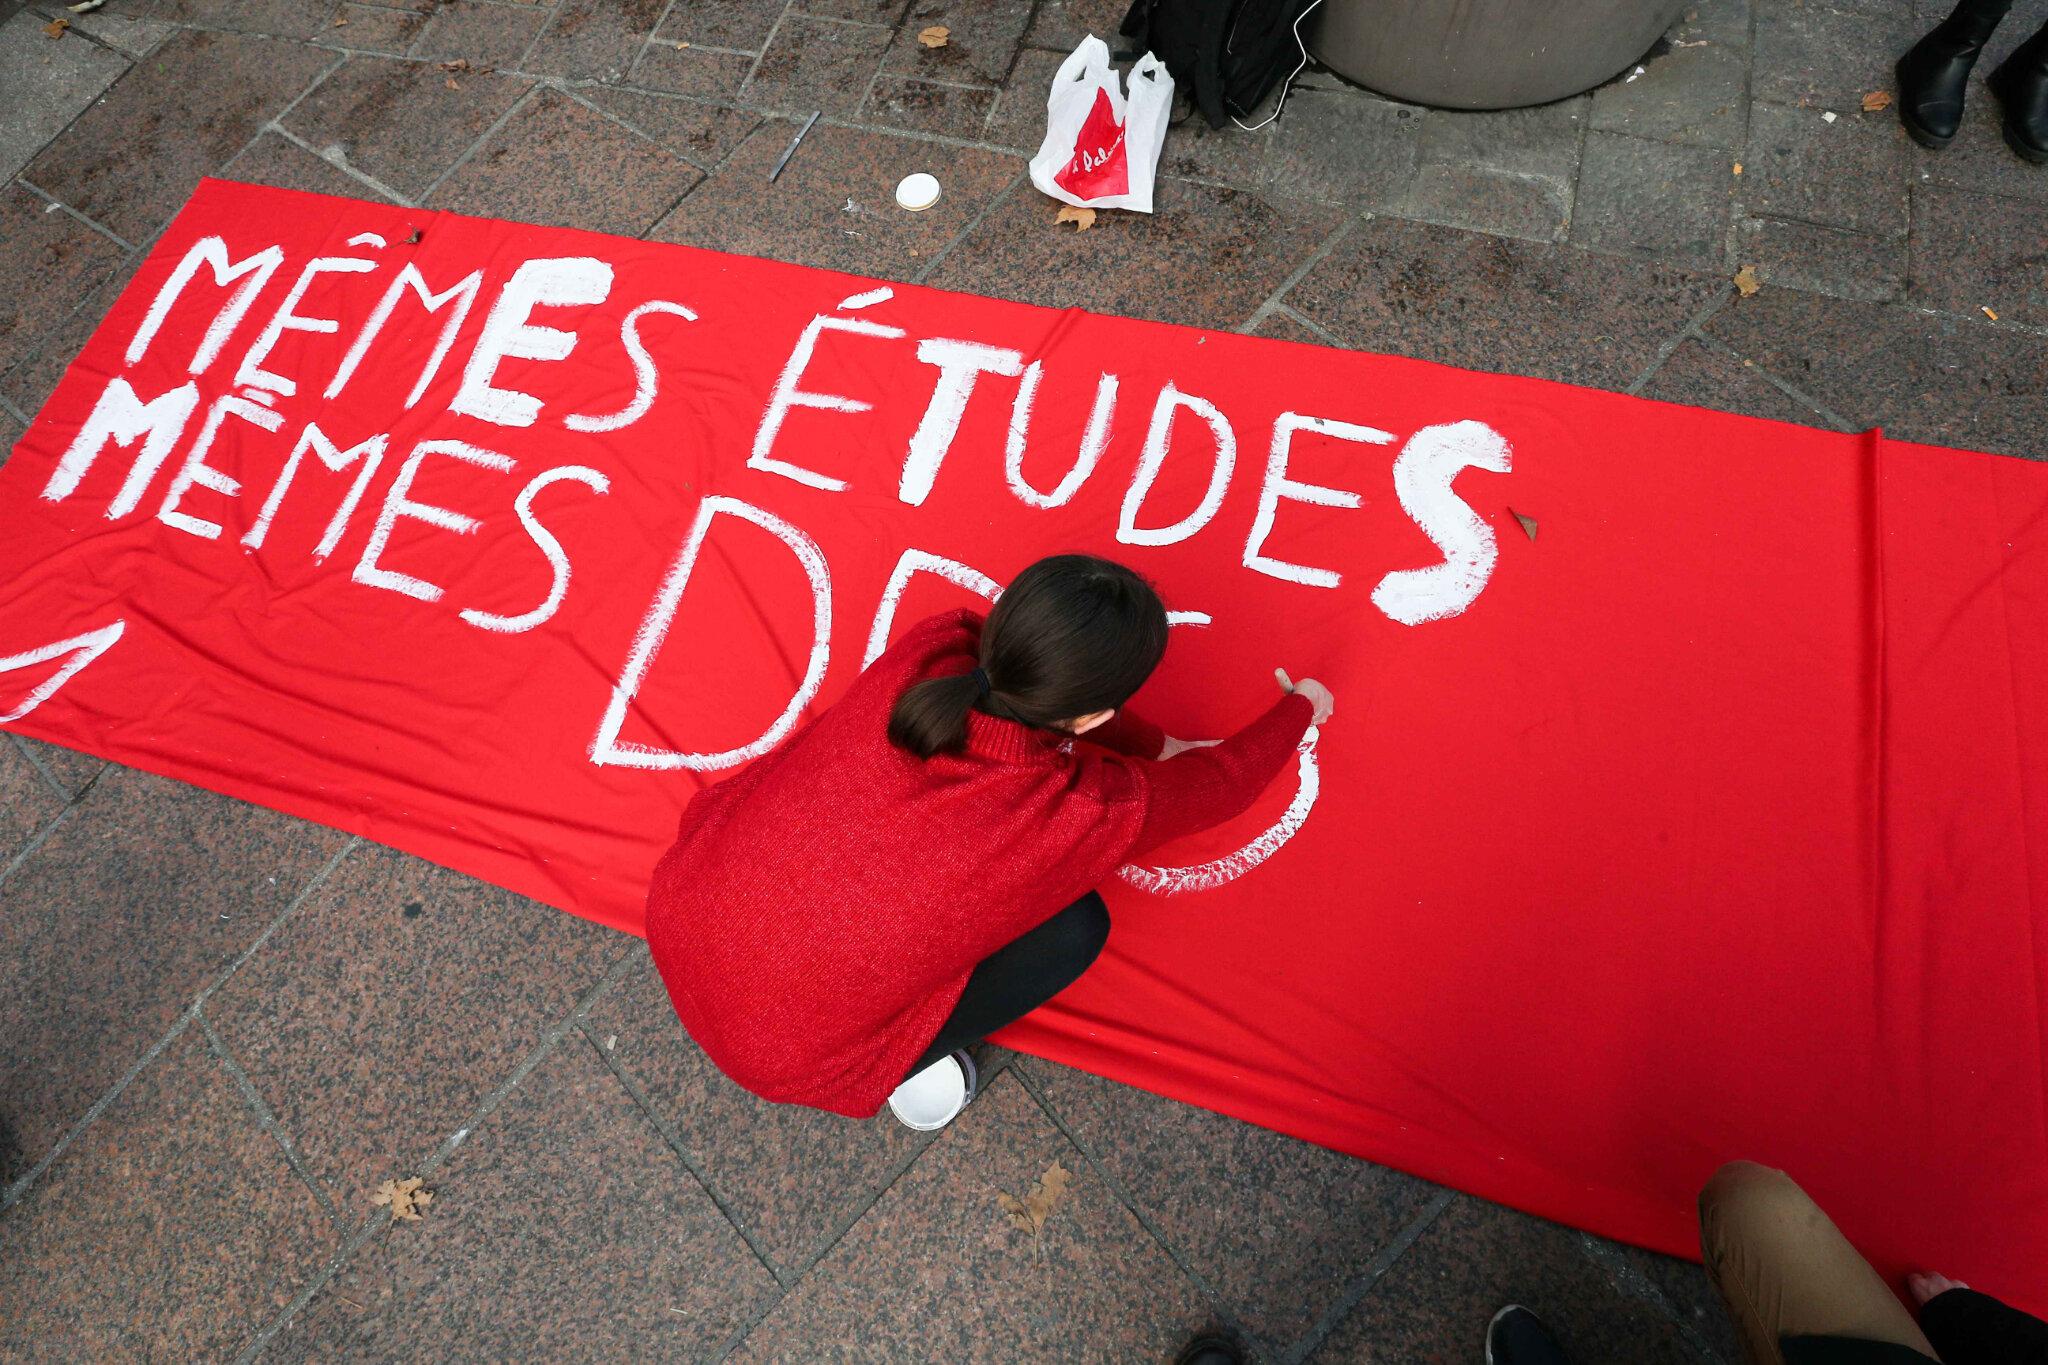 Blocage des lycées à Paris : un millier de manifestants dans la capitale. Mar 11.12.2018, 12h08m36.